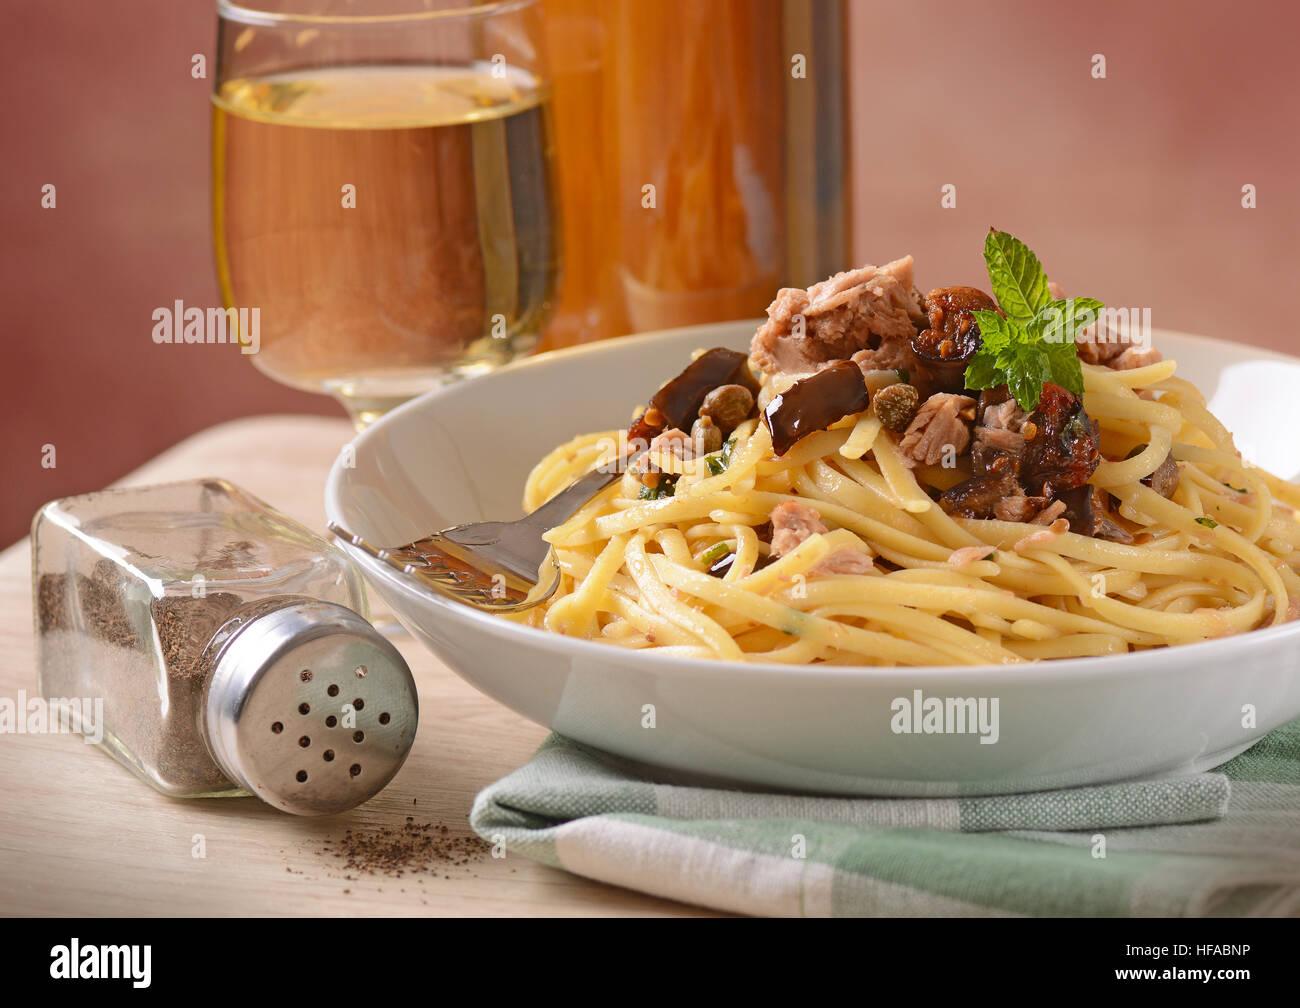 Spaghetti al tonno, i capperi e le melanzane - tradizionale ricetta italiana Immagini Stock